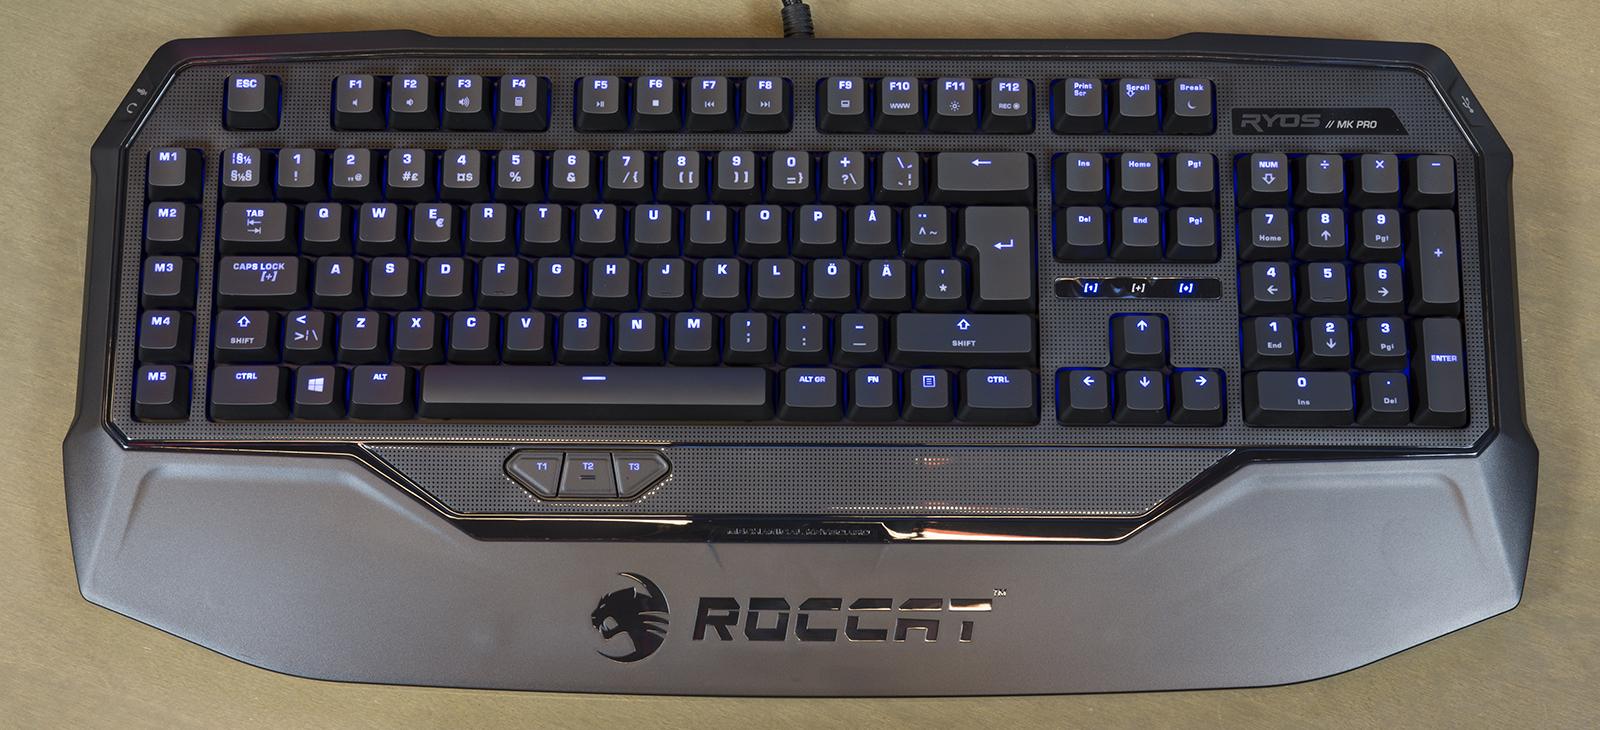 Roccat Ryos MK Pro klaviatuur sisselülitatud taustvalgustusega